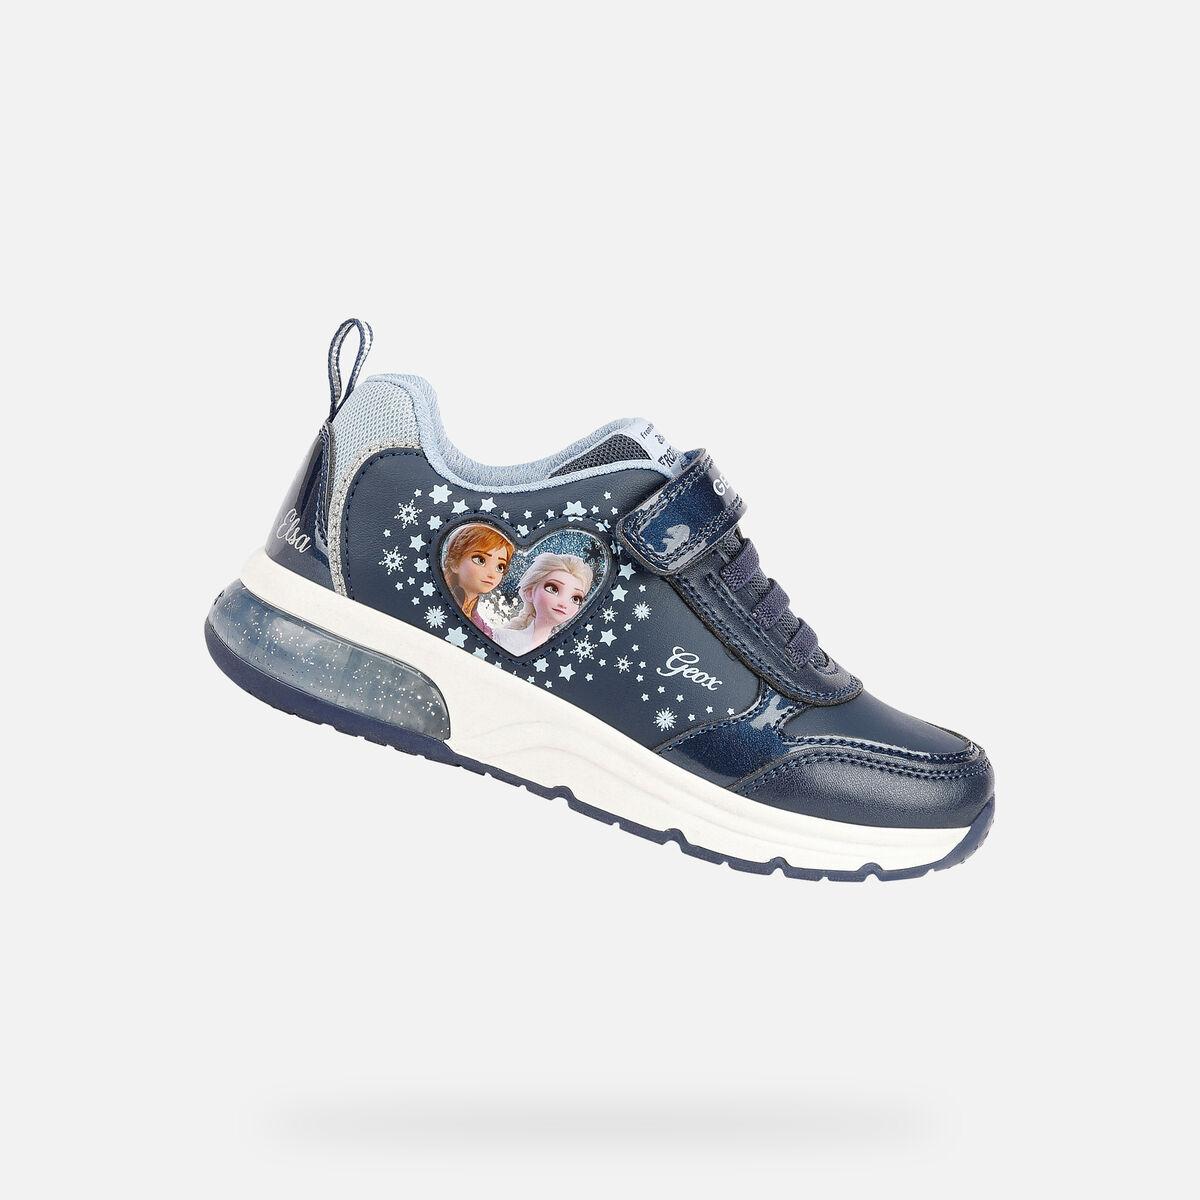 GEOX dětské boty SPACECLUB GIRL se svítící podrážkou modré - J168VB